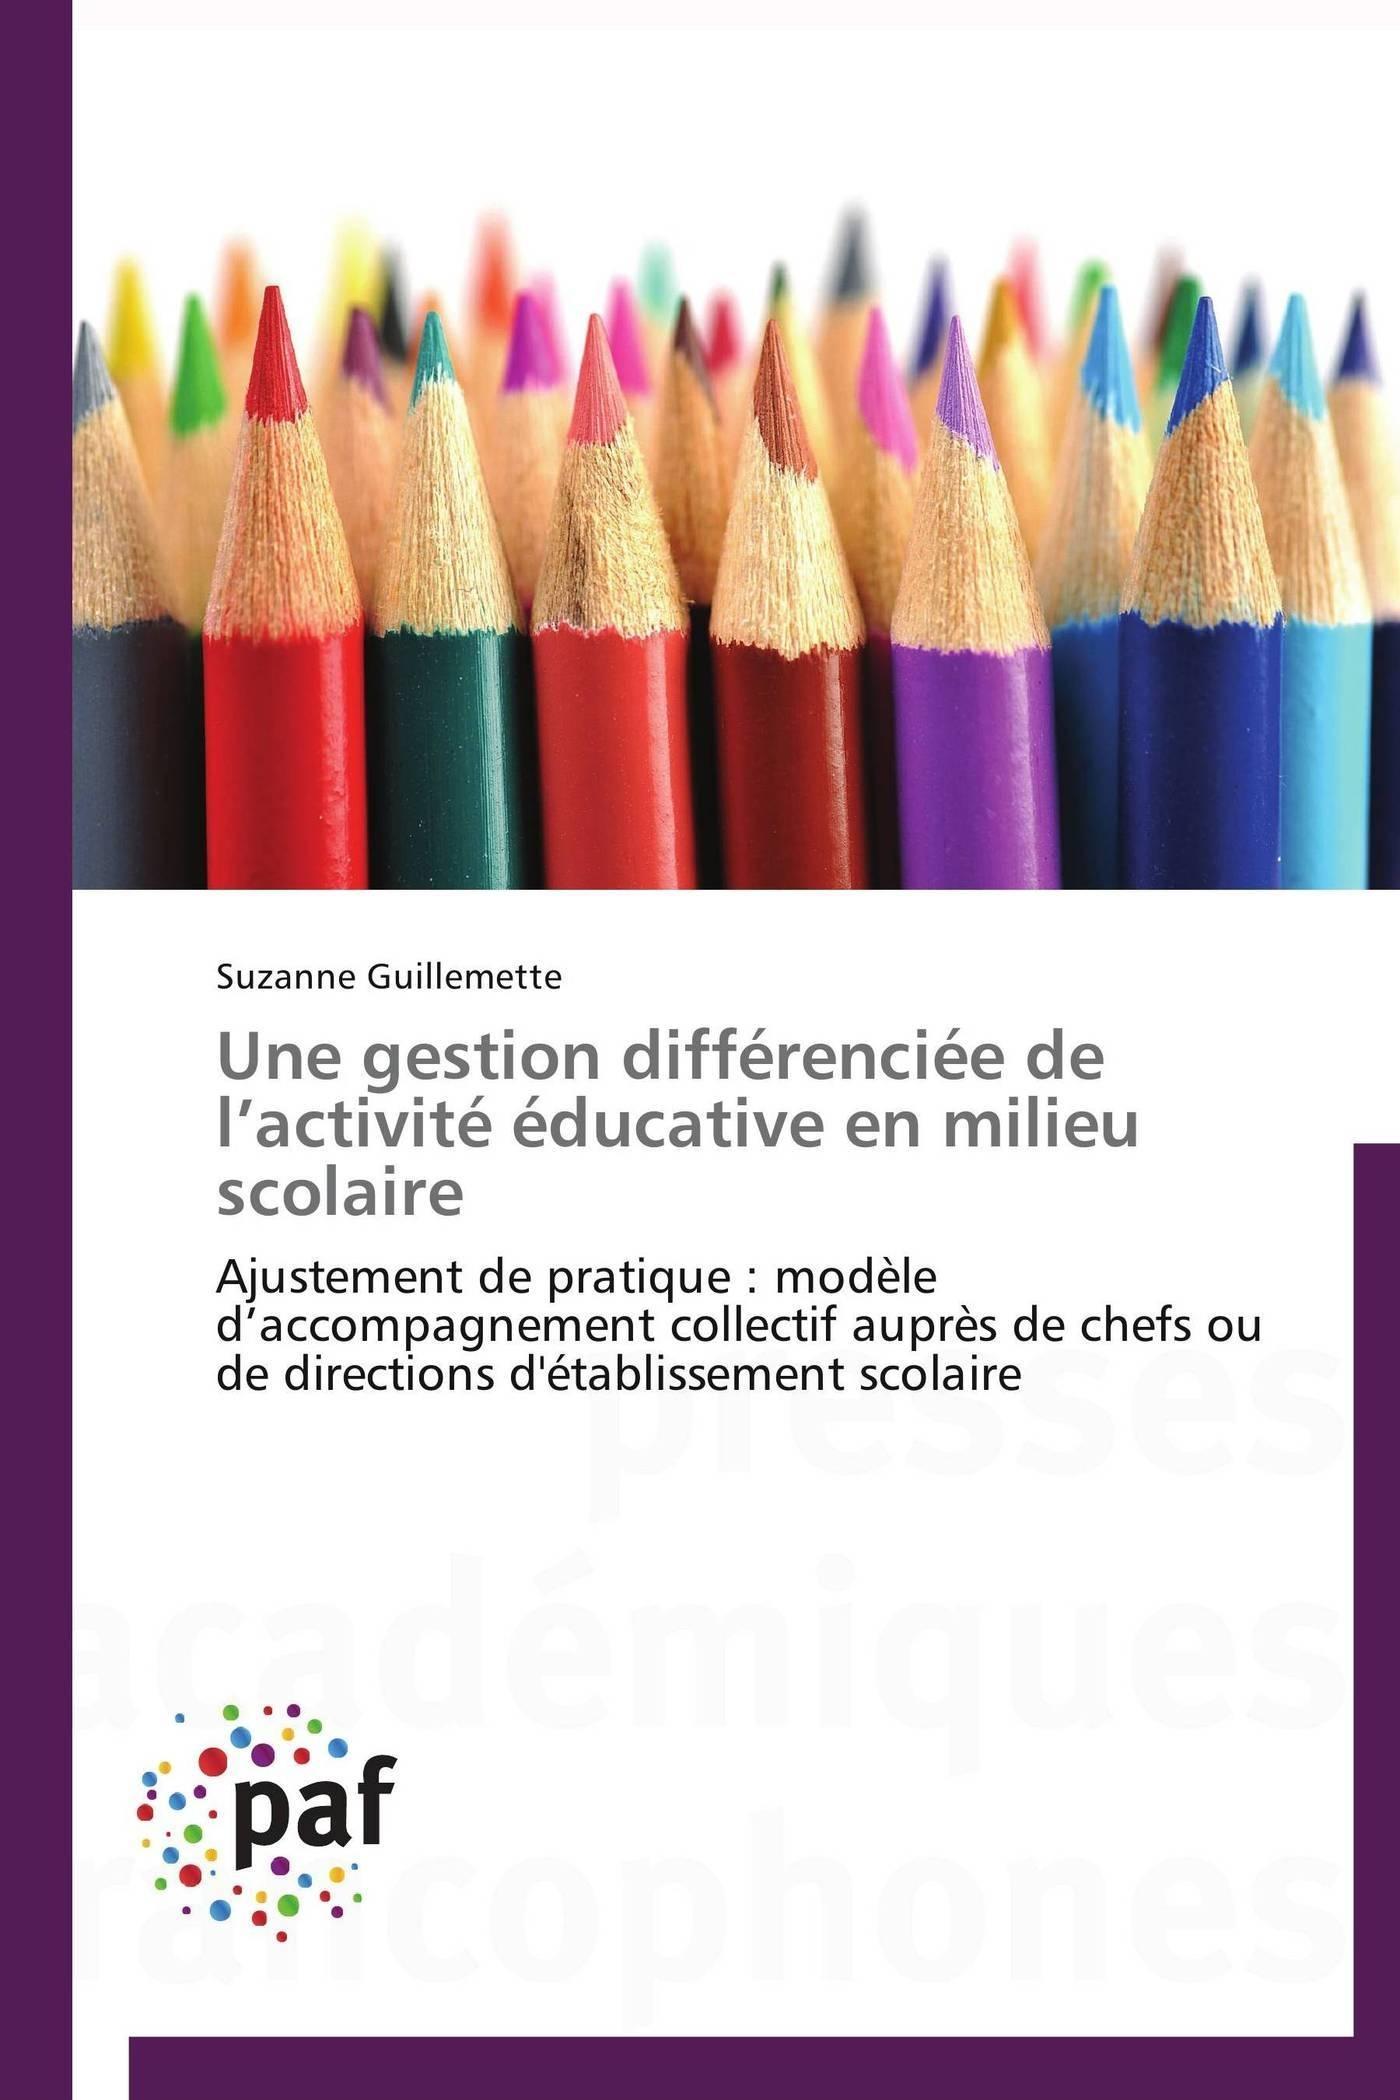 UNE GESTION DIFFERENCIEE DE L ACTIVITE EDUCATIVE EN MILIEU SCOLAIRE